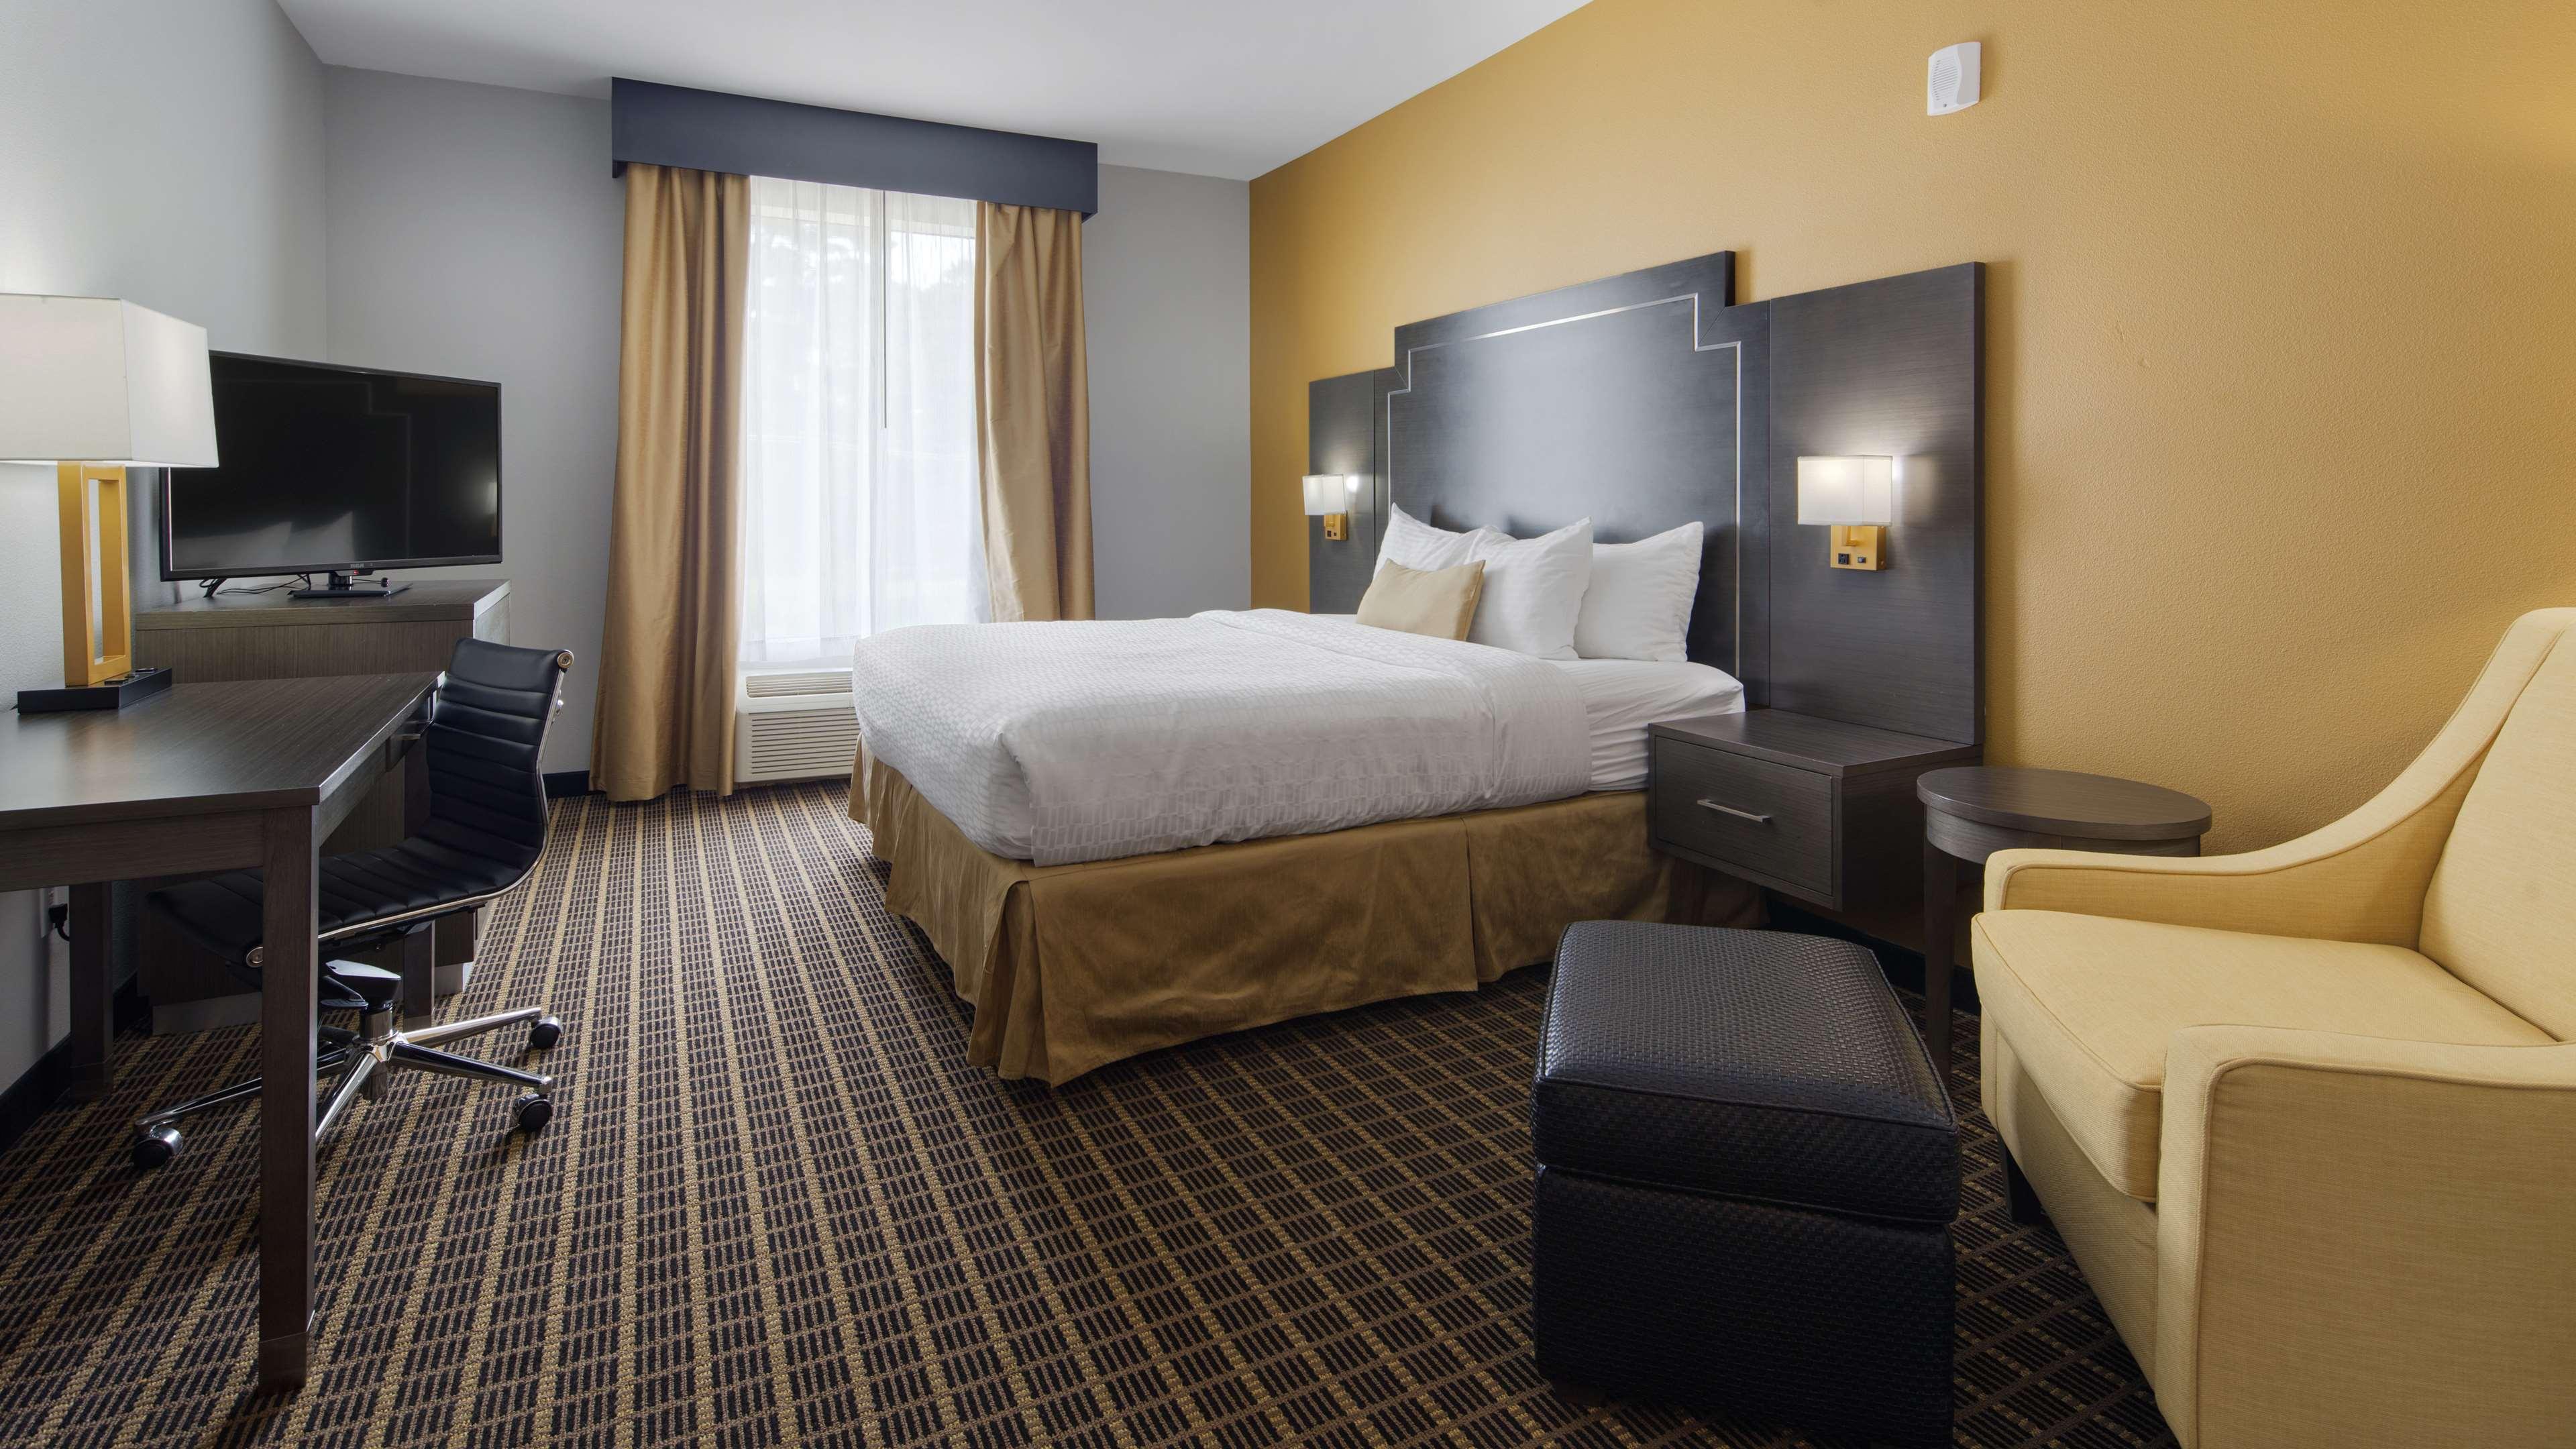 Best Western Plus Regency Park Hotel image 41